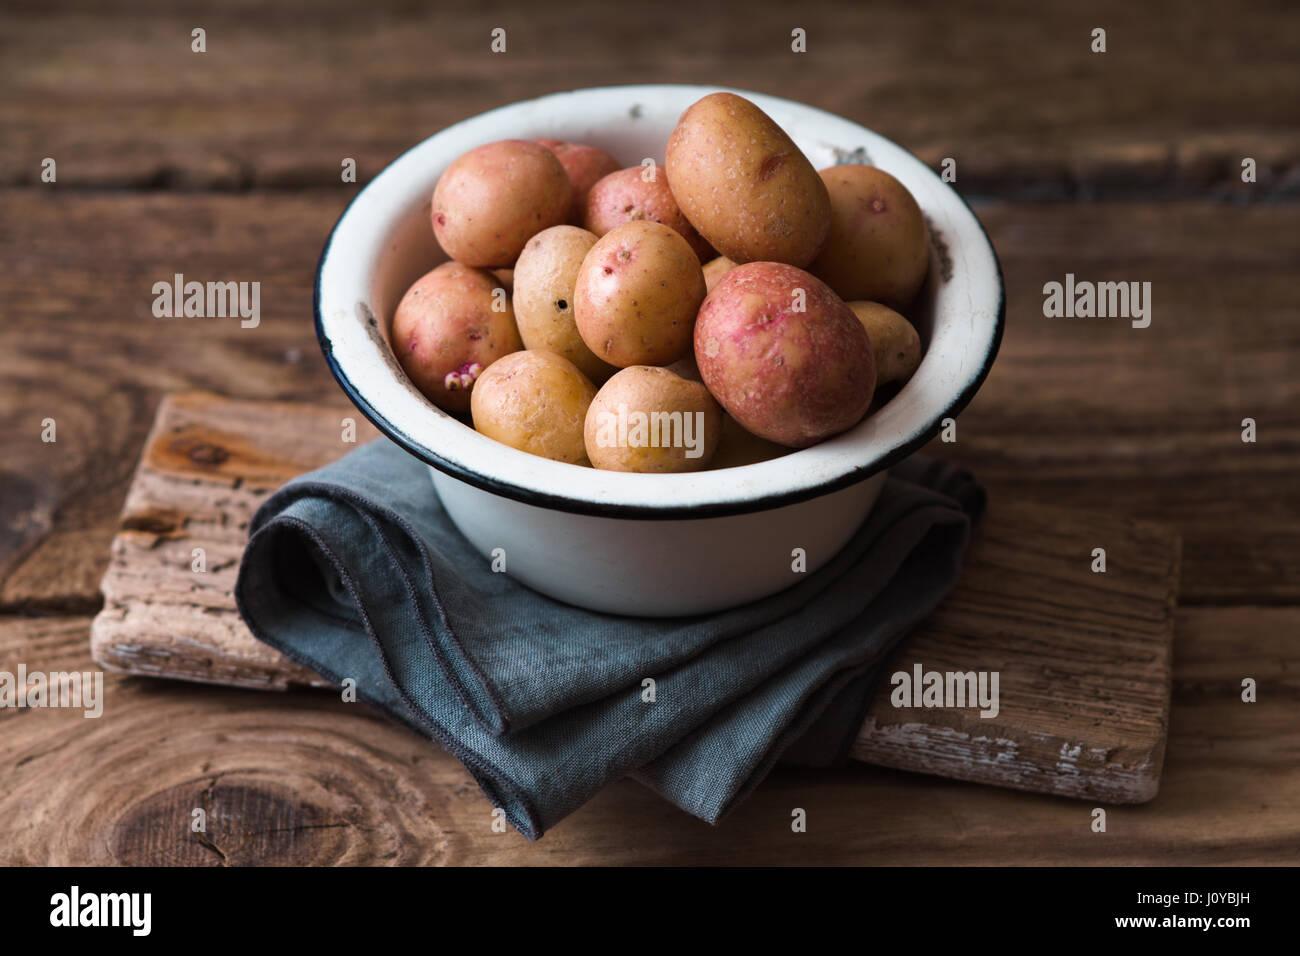 Les pommes de terre crues dans le bol en métal sur la table en bois Photo Stock